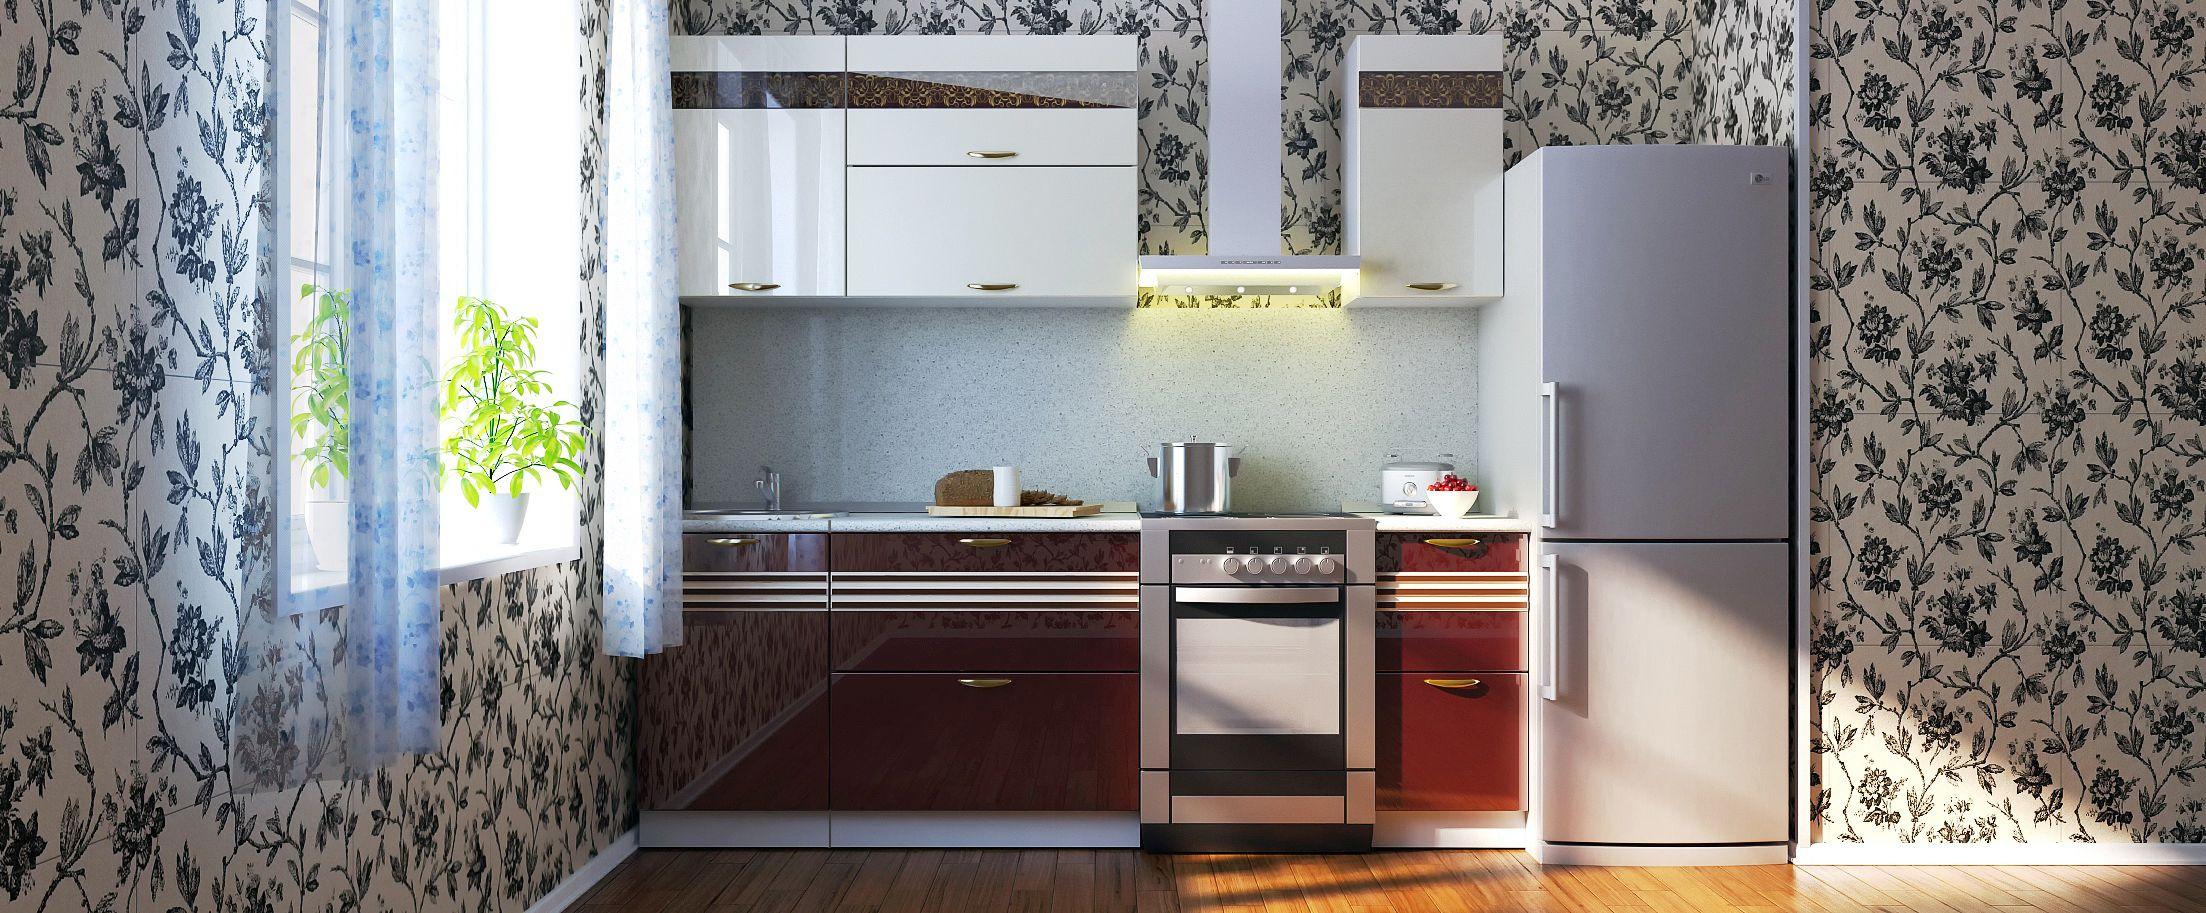 Кухня Корица 1,7 мКупить удобный и практичный набор кухонного гарнитура в интернет магазине MOON TRADE. Быстрая доставка, вынос упаковки, гарантия! Выгодная покупка!<br>